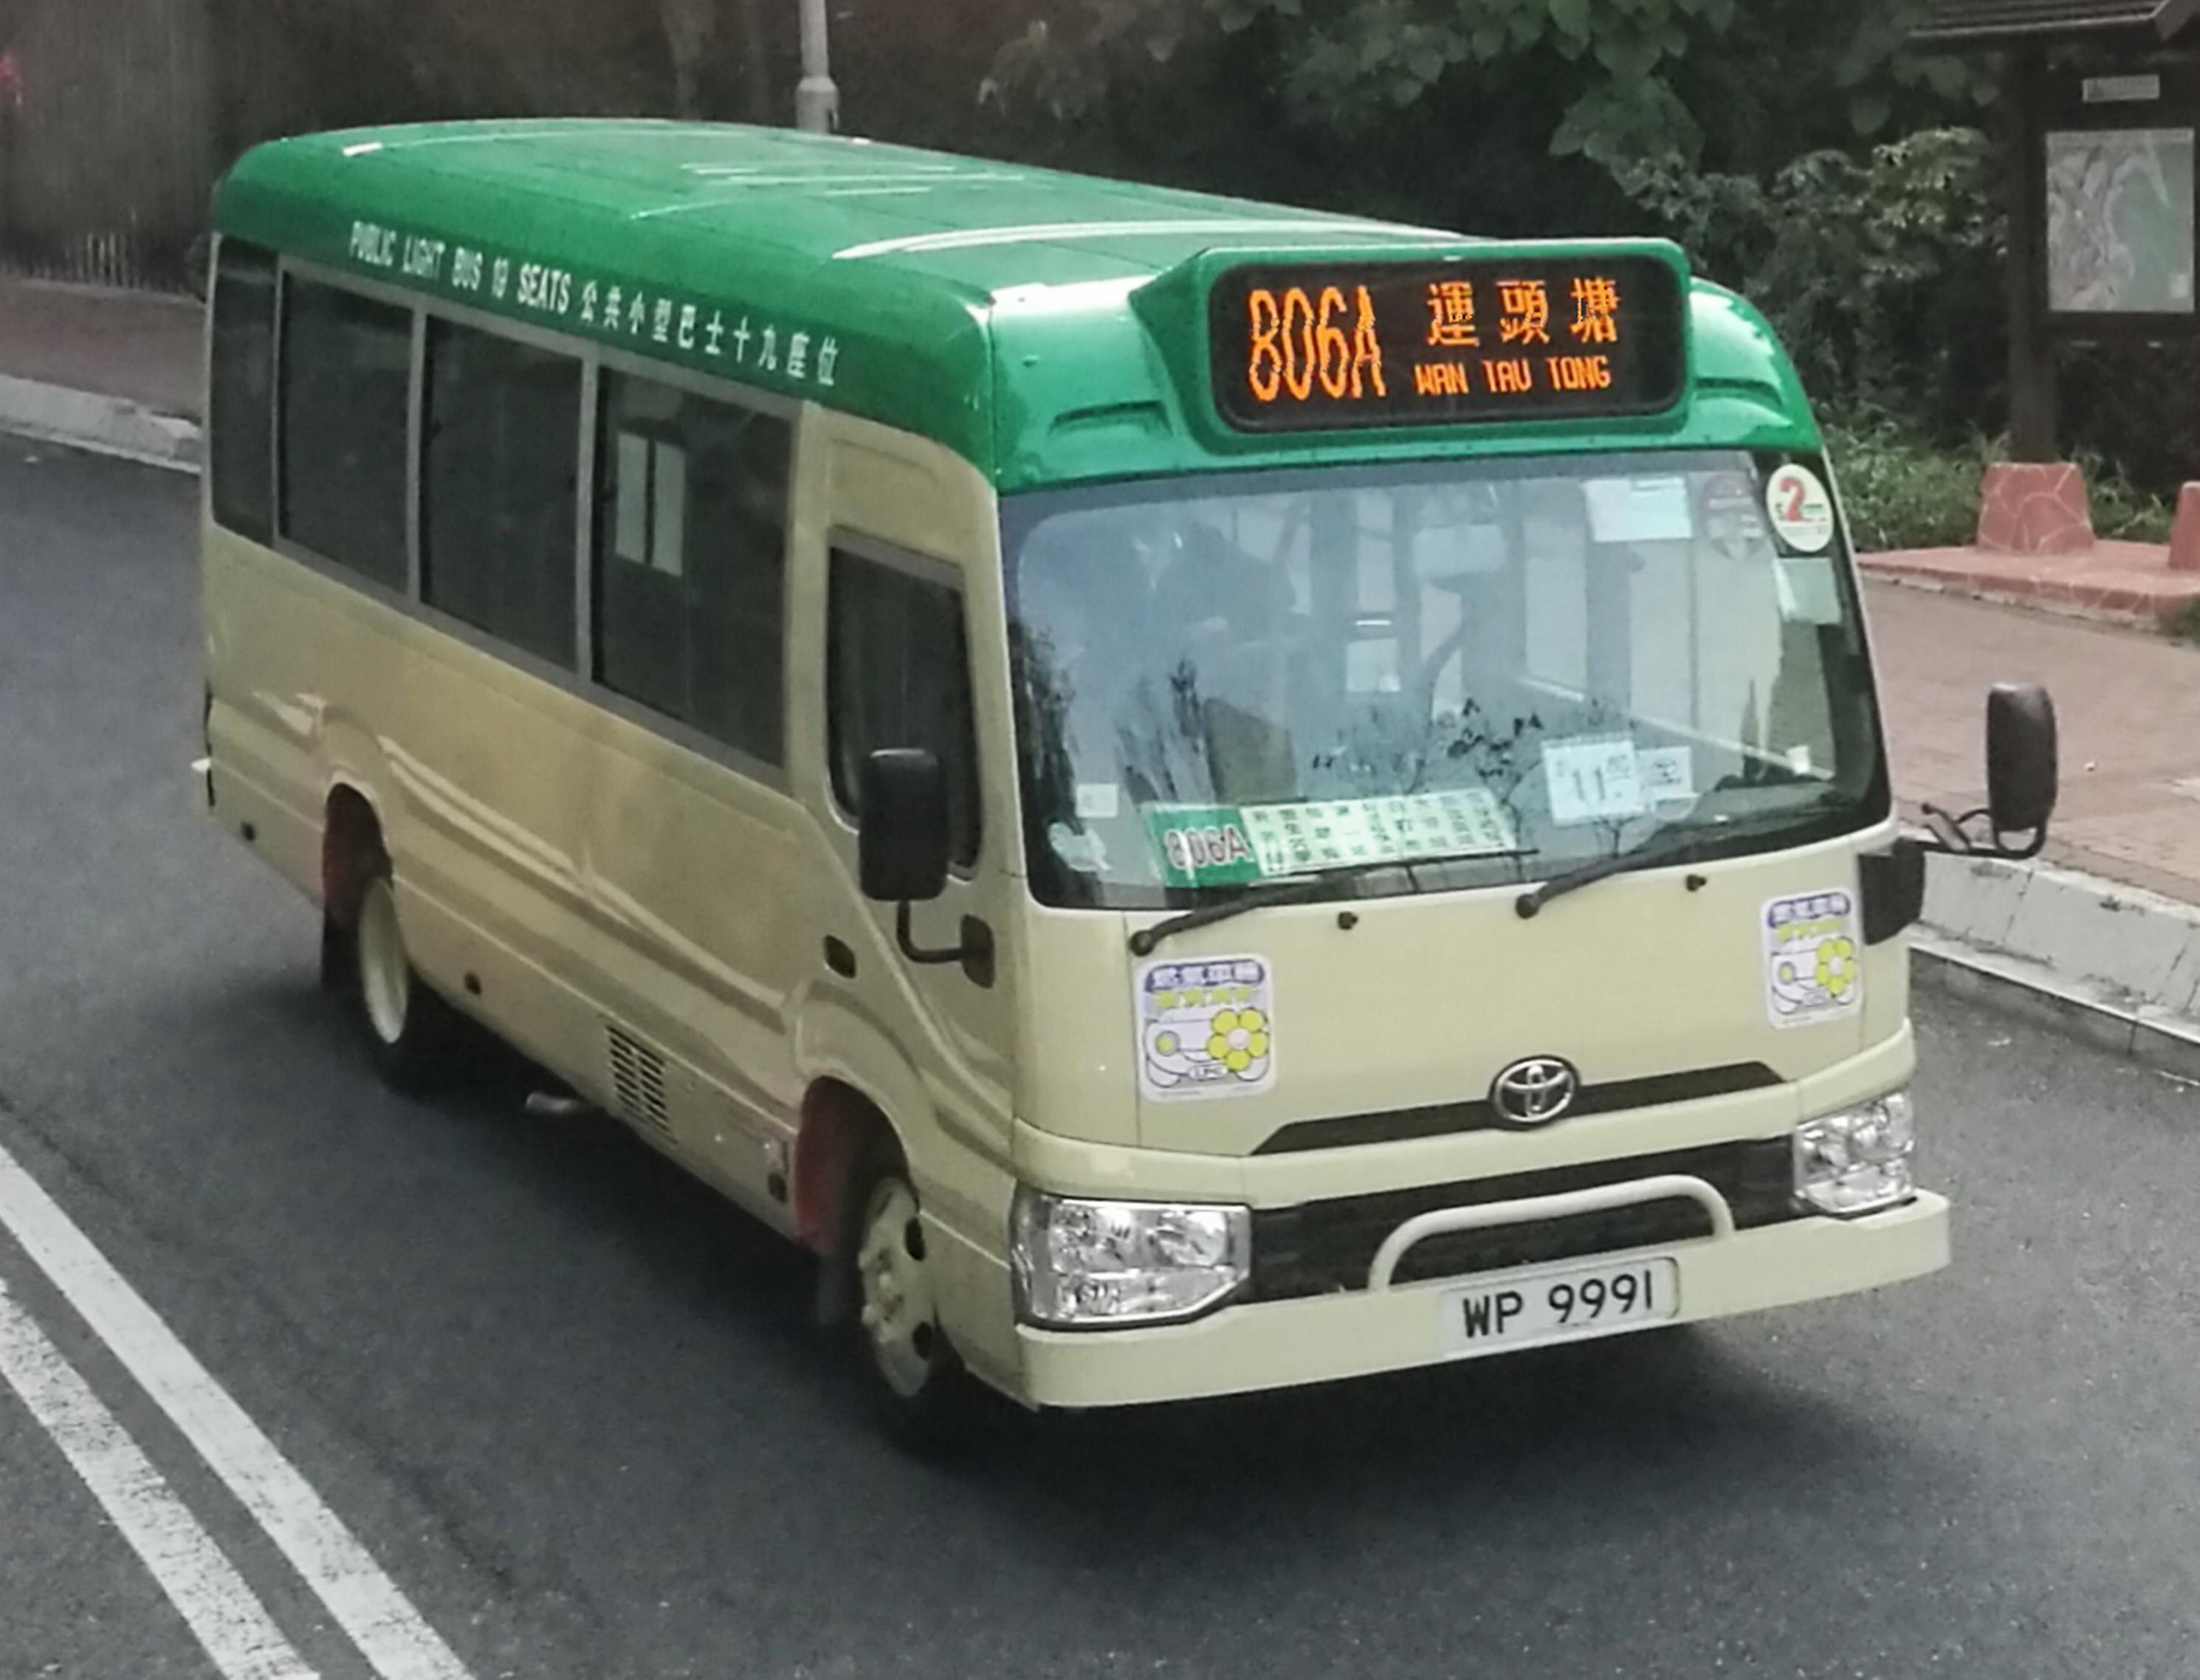 新界專綫小巴806A線